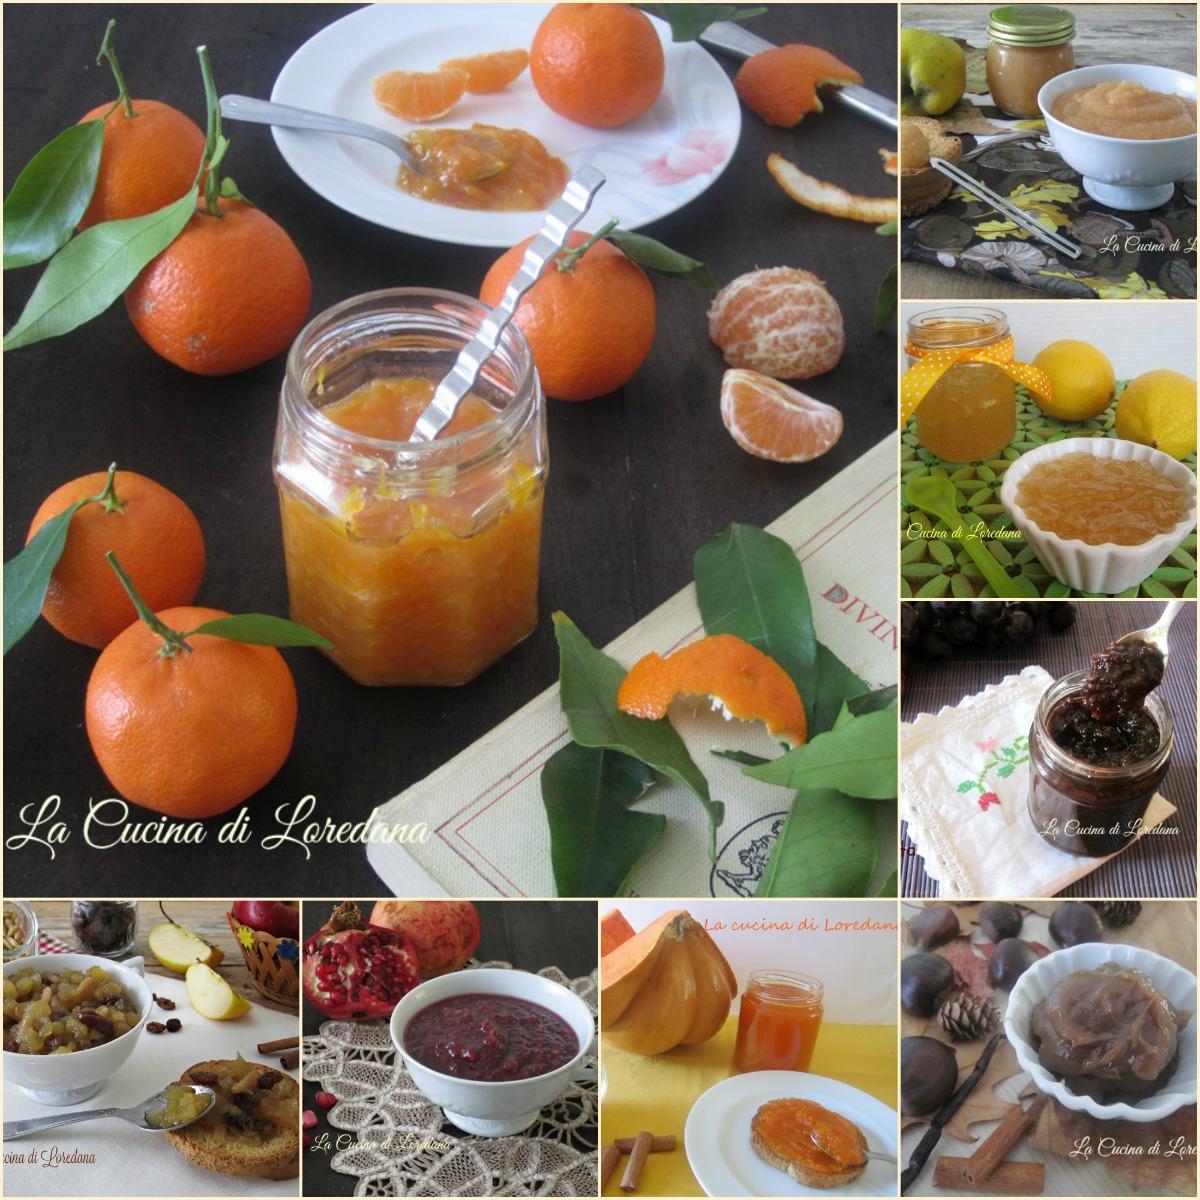 Le mie marmellate semplici e deliziose bont fatte in casa for Marmellate fatte in casa senza zucchero